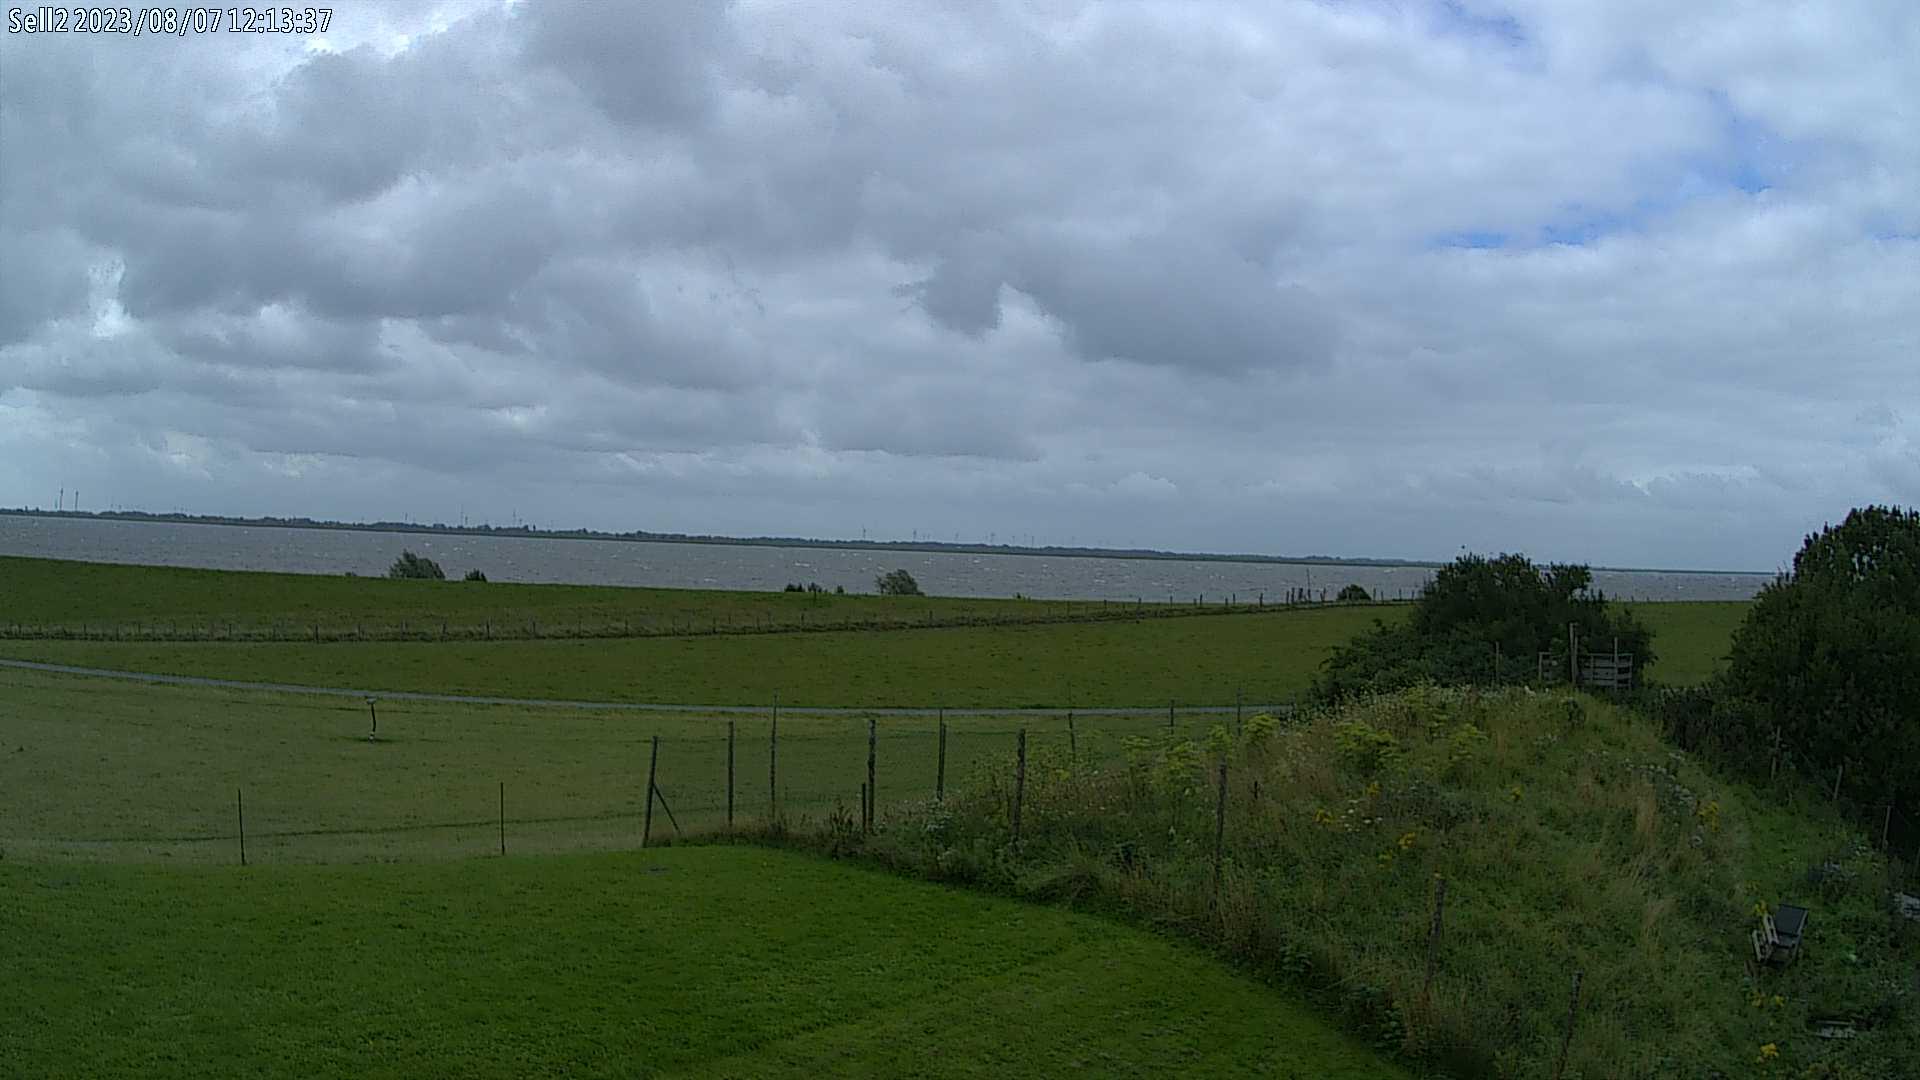 Webcam 2